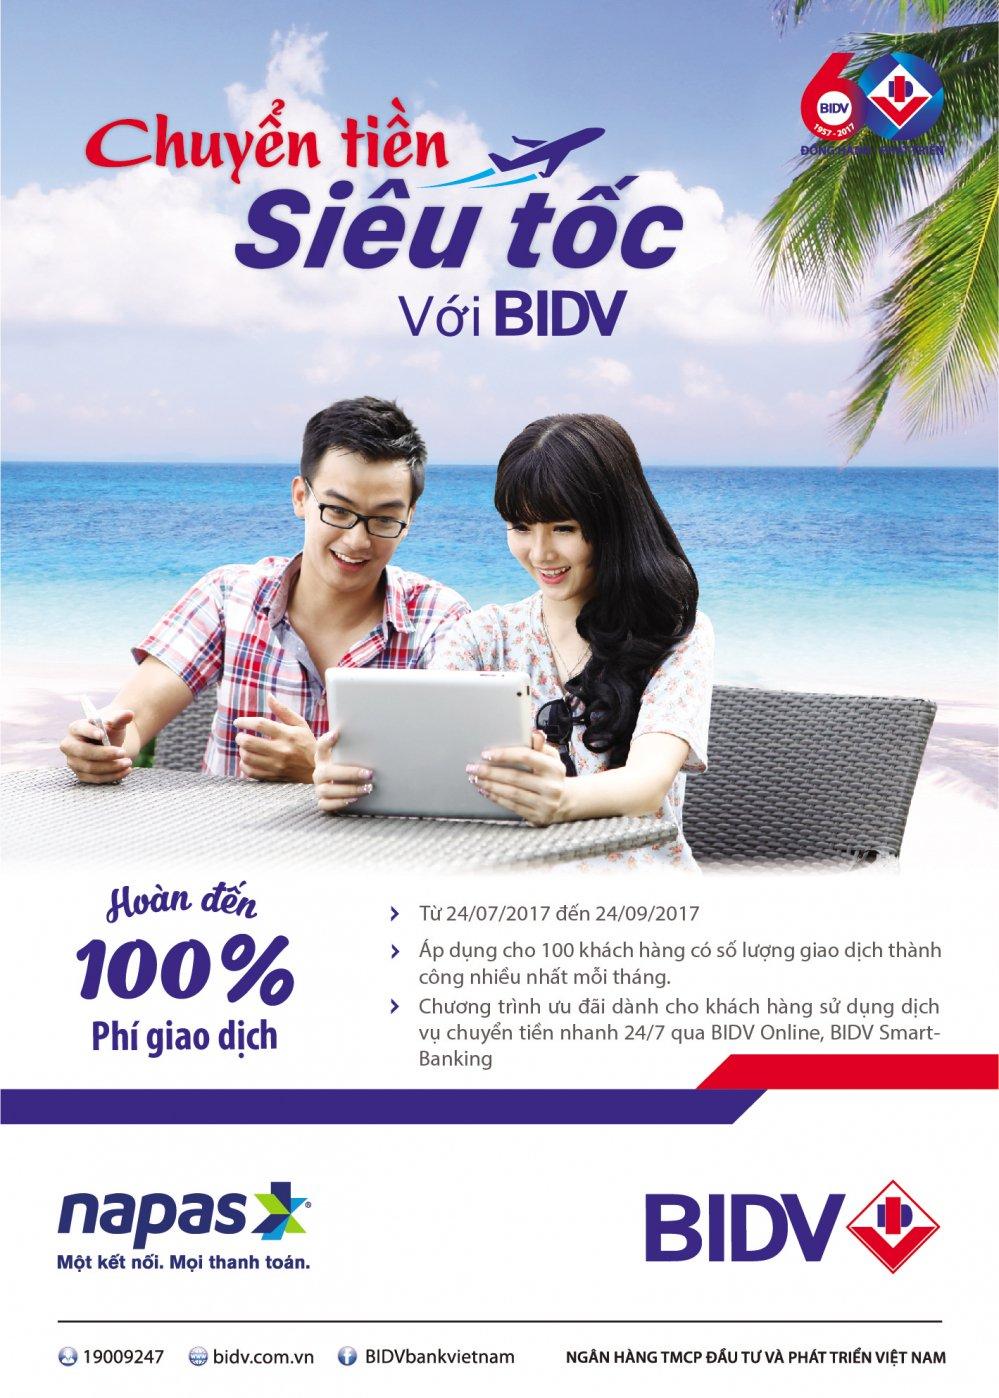 Chuyen tien sieu toc cung BIDV e-Banking – Hoan toi 100% phi giao dich hinh anh 1